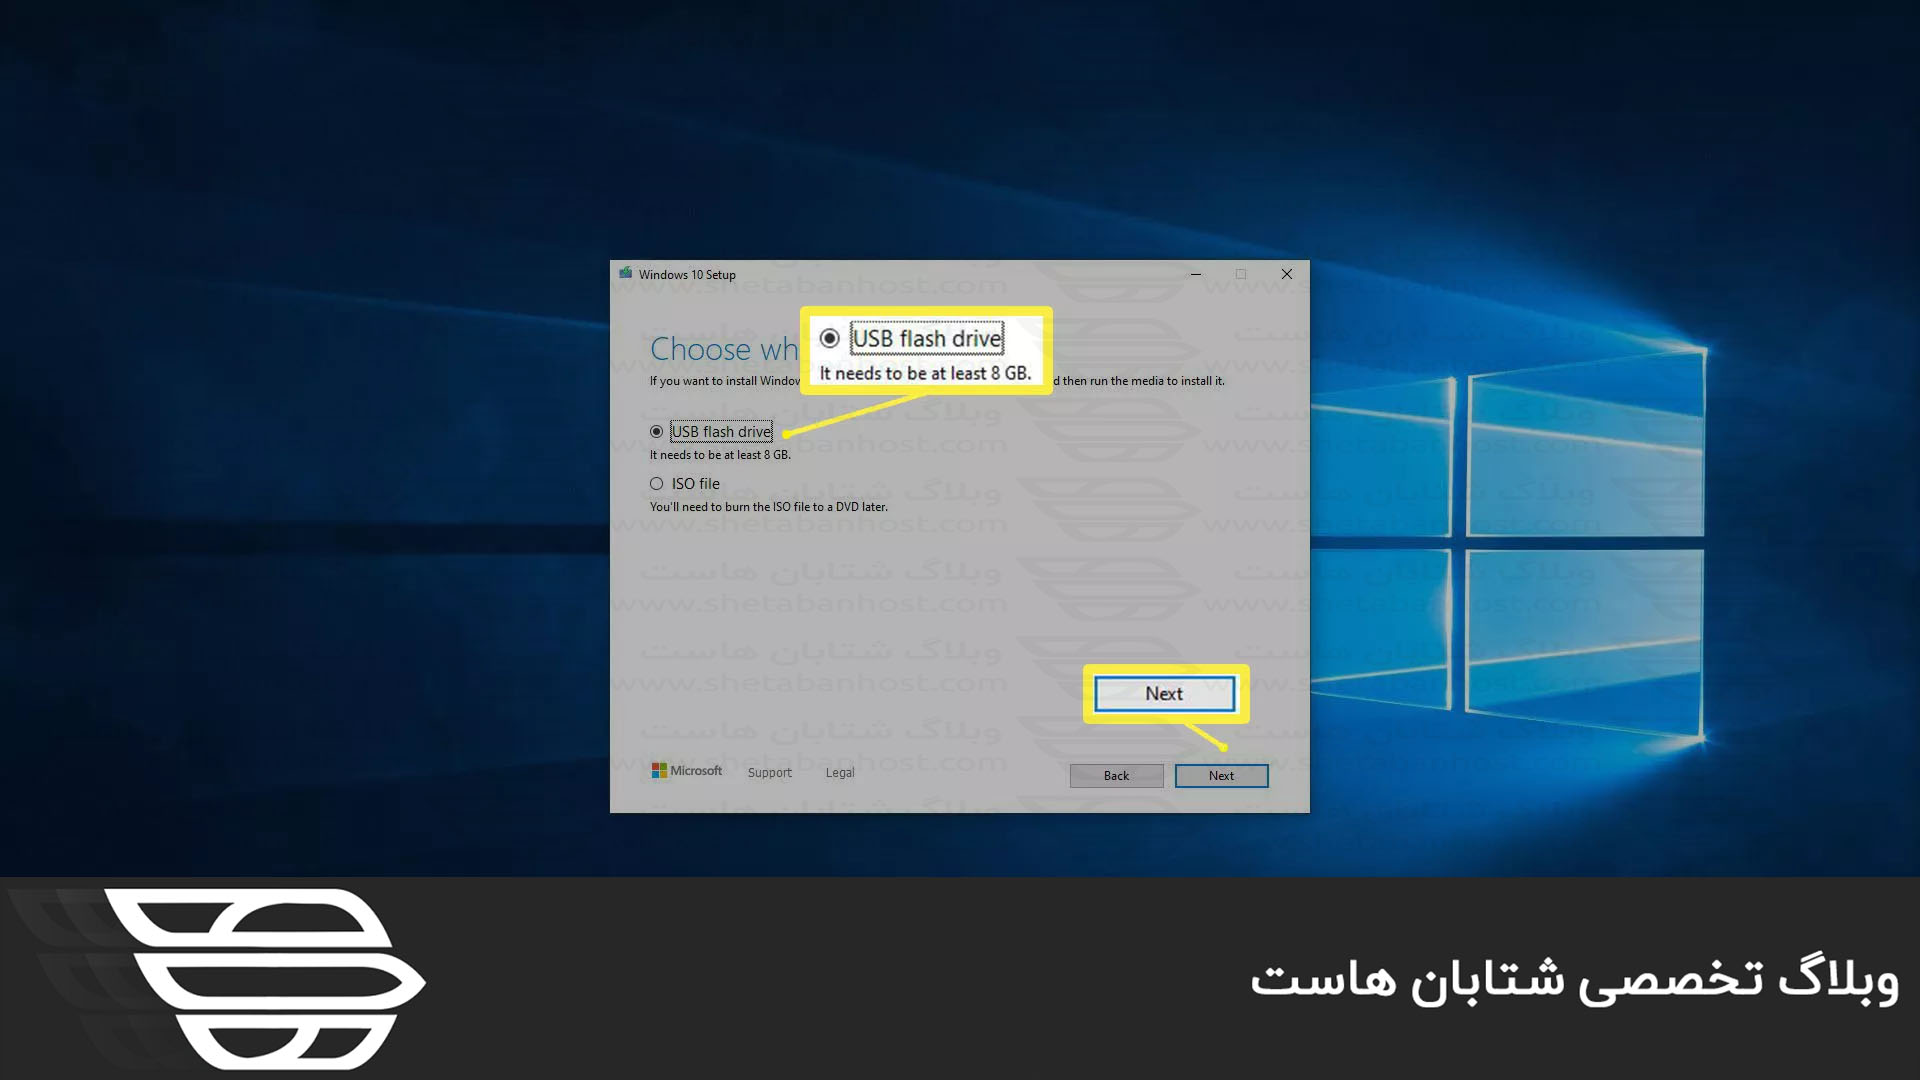 نحوه بروزرسانی ویندوز 10 از 32 بیتی به 64 بیتی